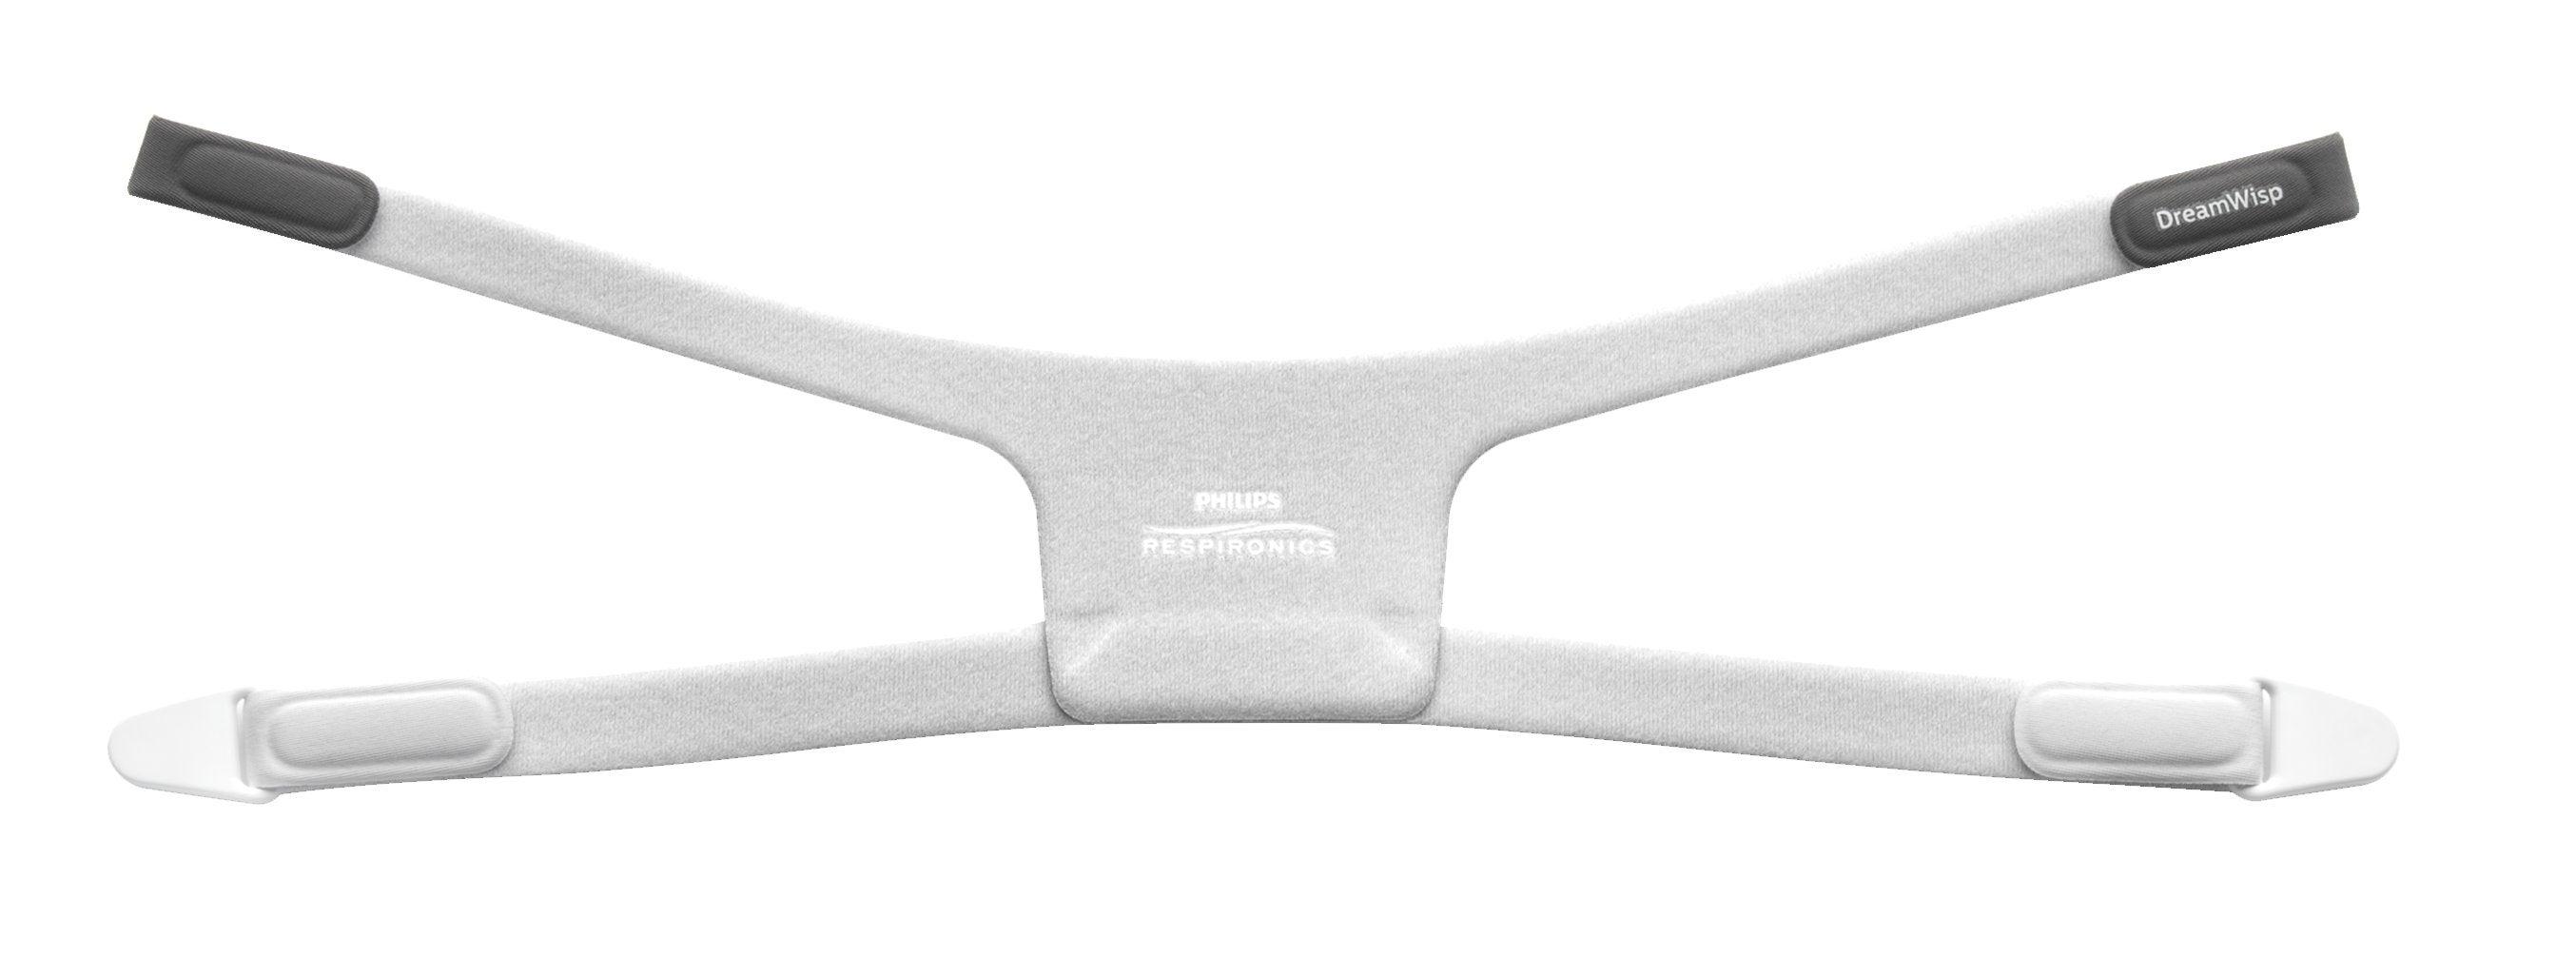 DreamWisp Headgear